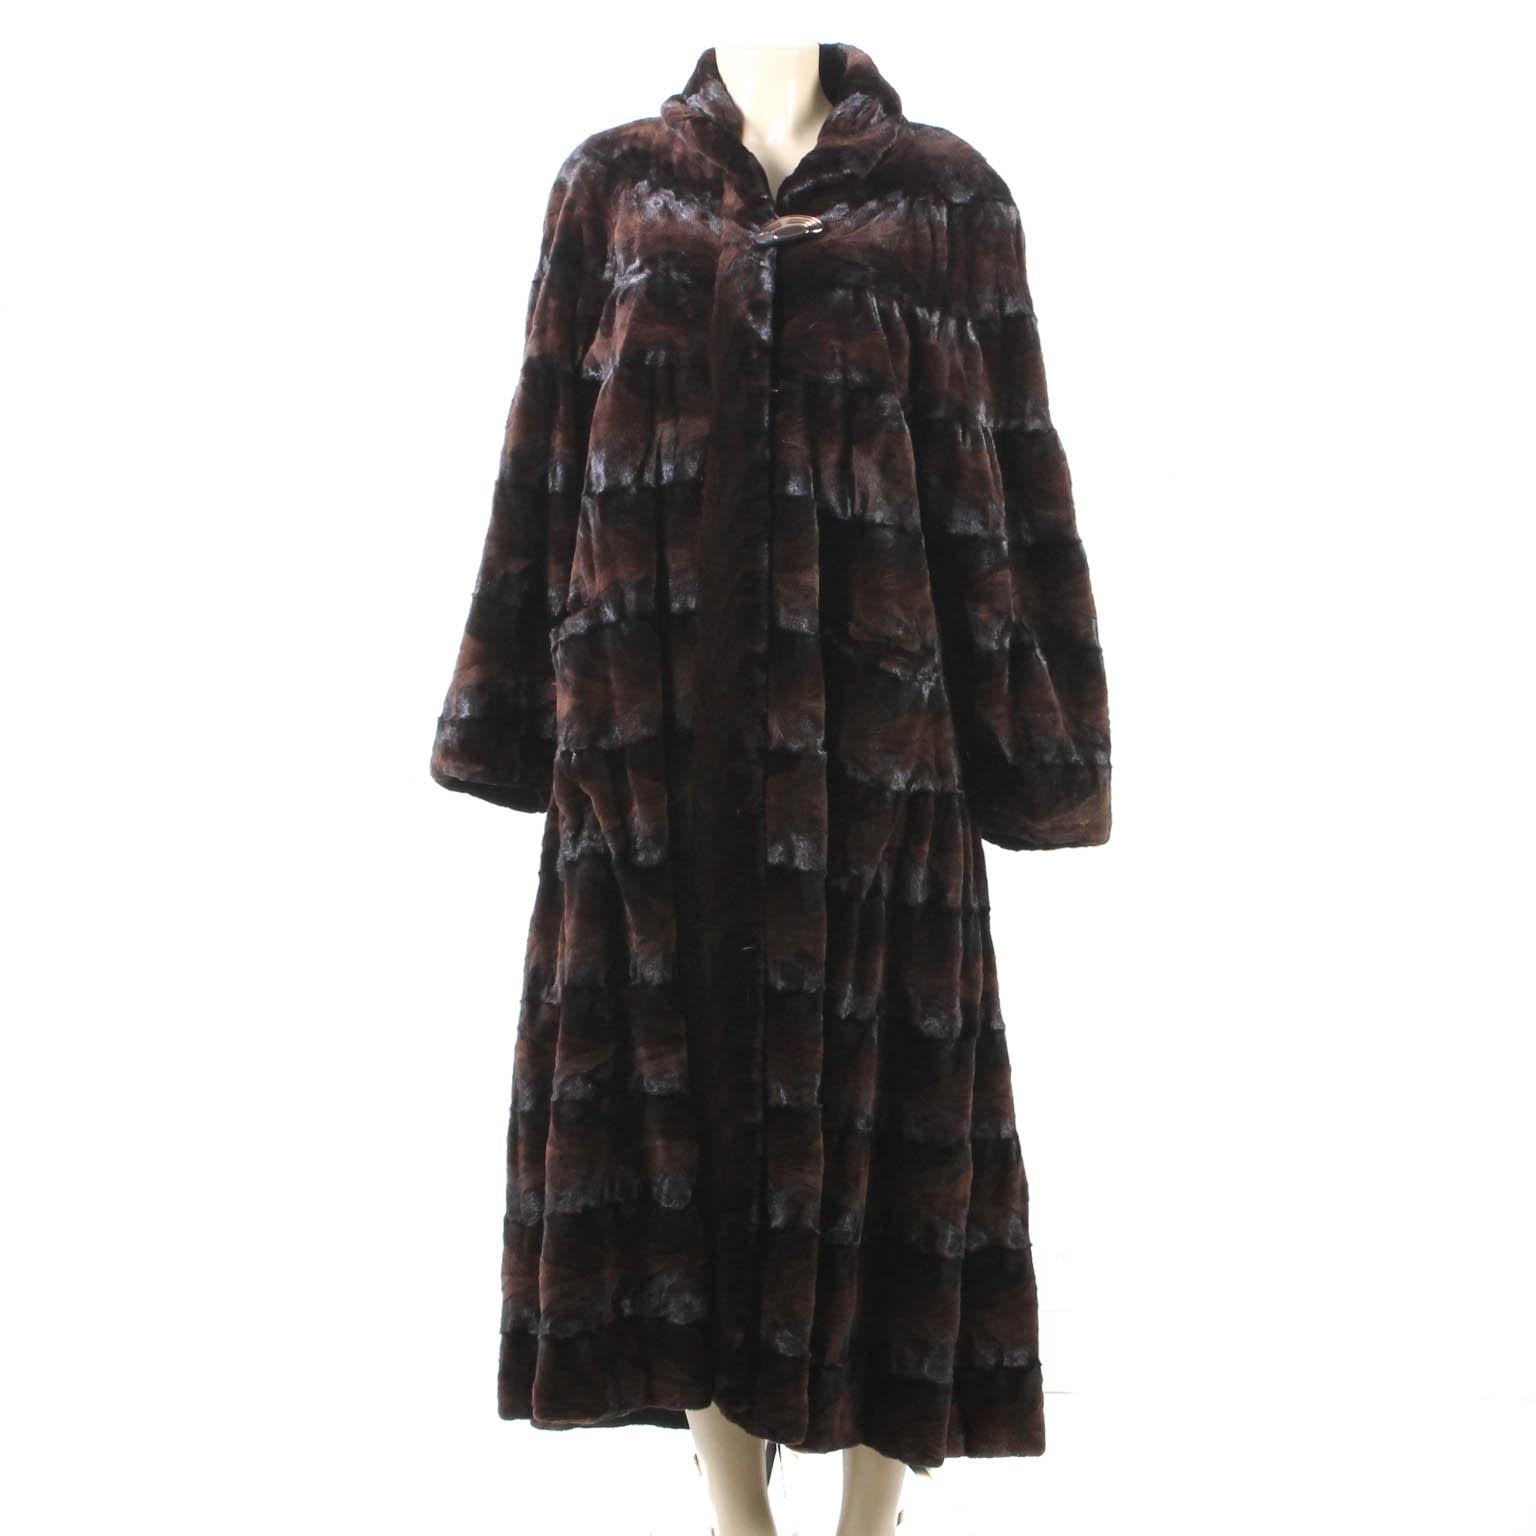 Leakas Furs Sheared Beaver Coat